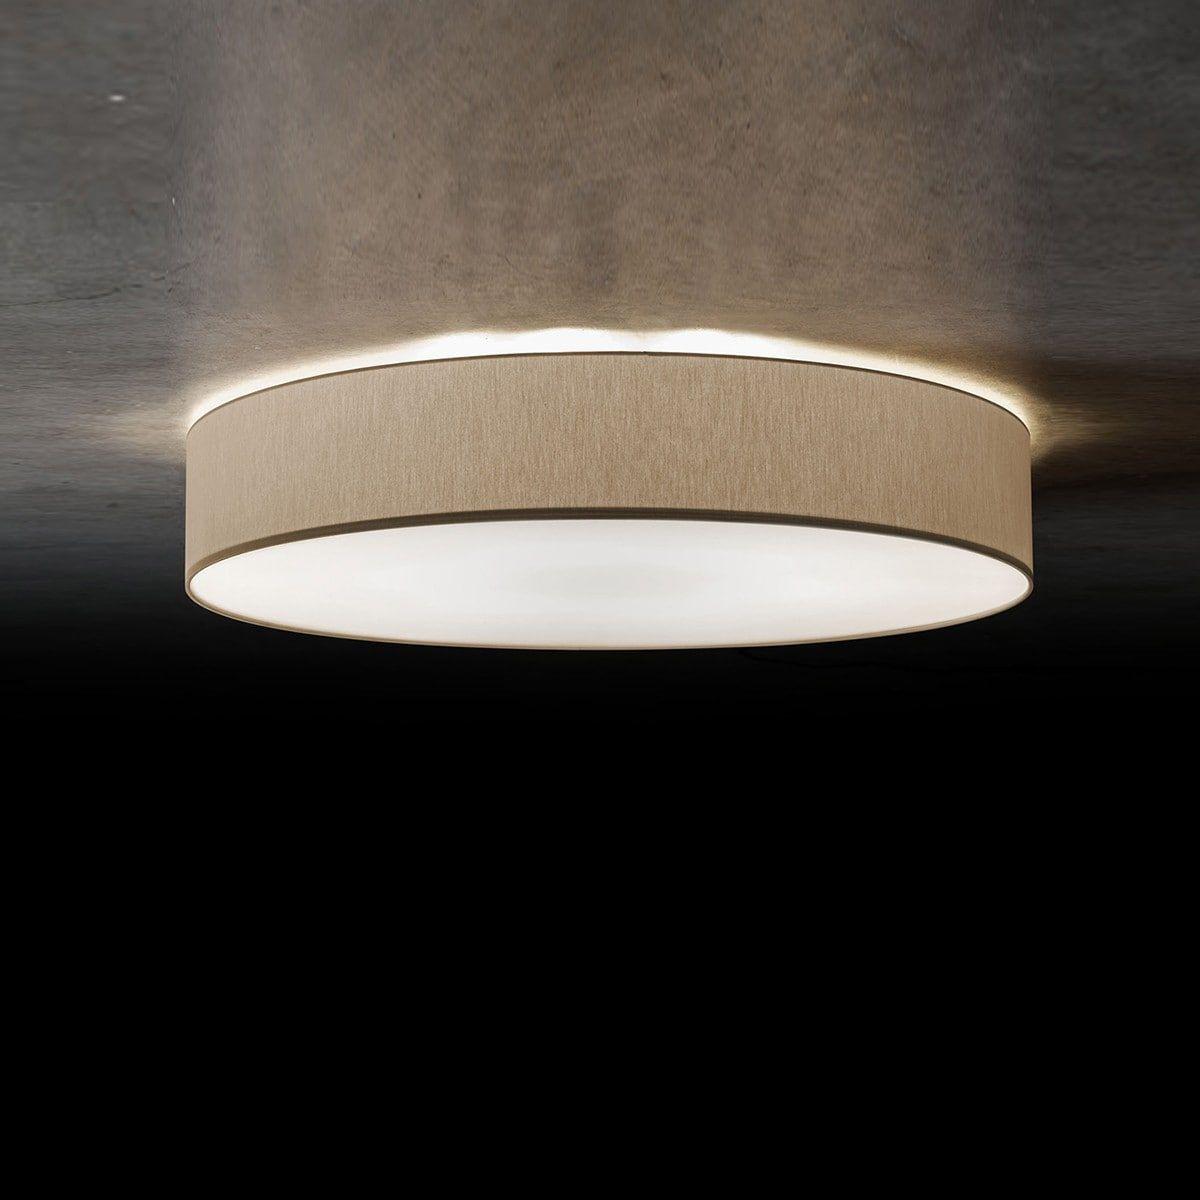 LED Decken Leuchte Rund Stoff FERNBEDIENUNG Farbwechsel Textil Lampe Dimmer Grau